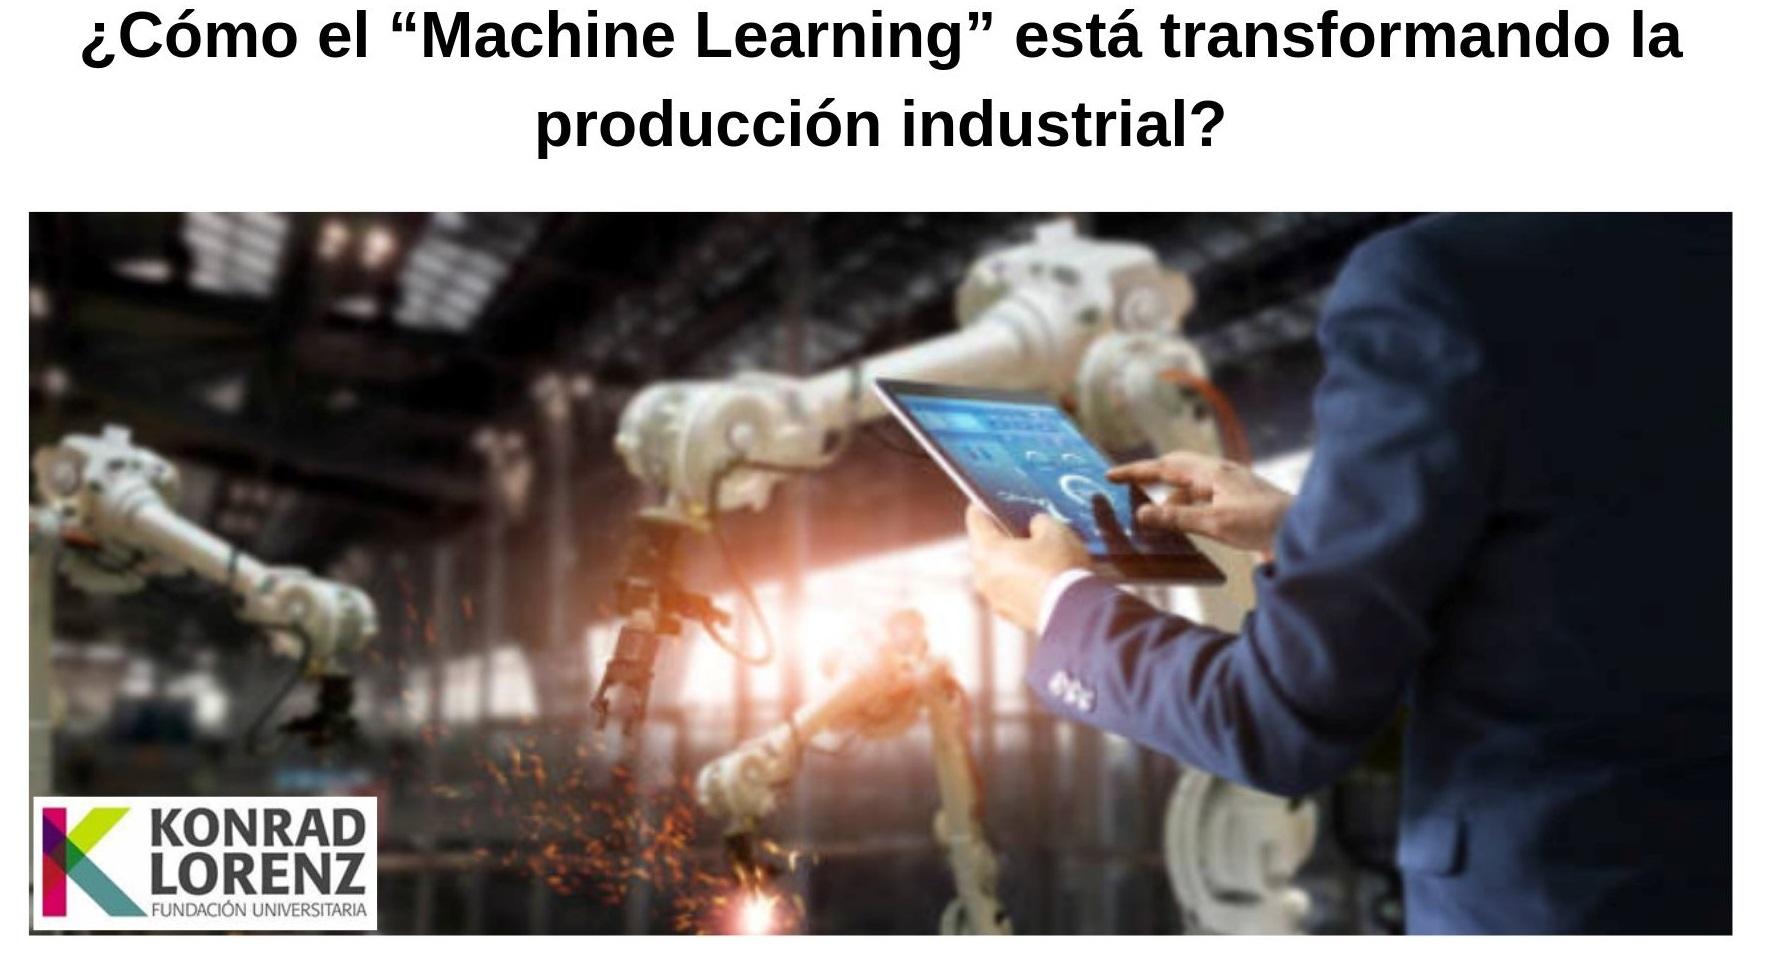 """¿Cómo el """"Machine Learning"""" está transformando la producción industrial?"""